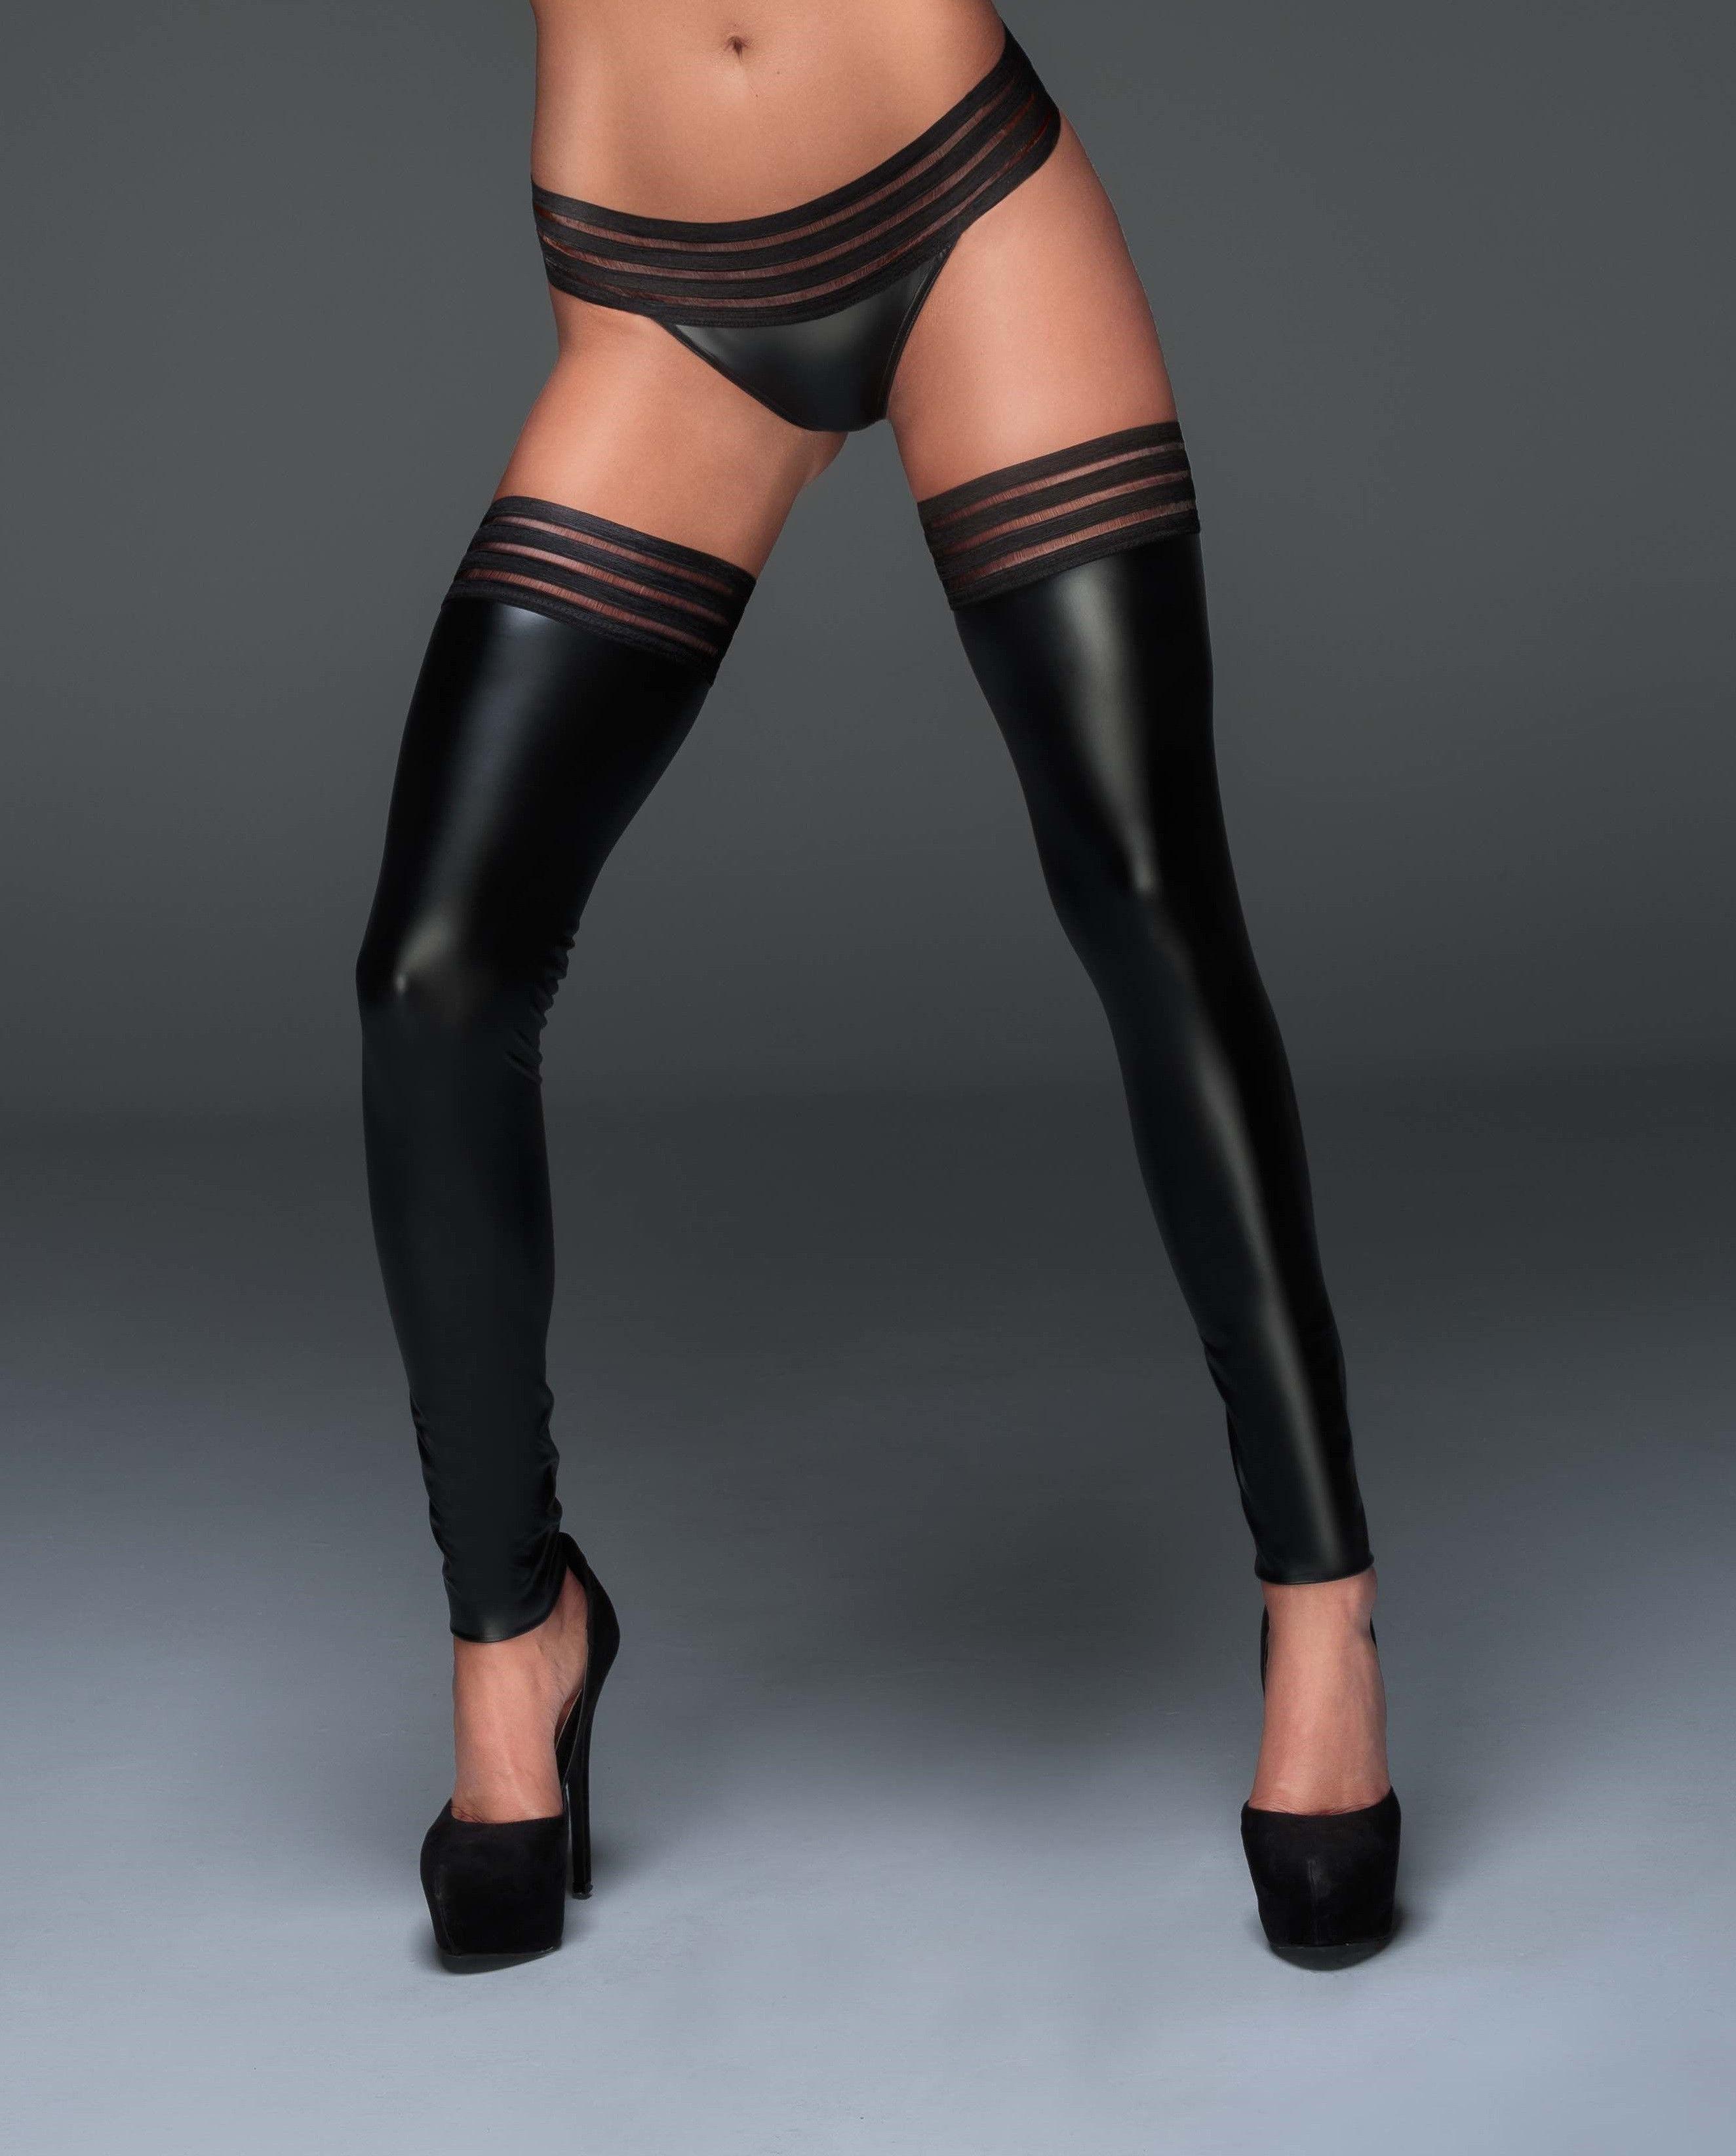 Noir Handmade F161 Powerwetlook Panty with Elastic Tape M